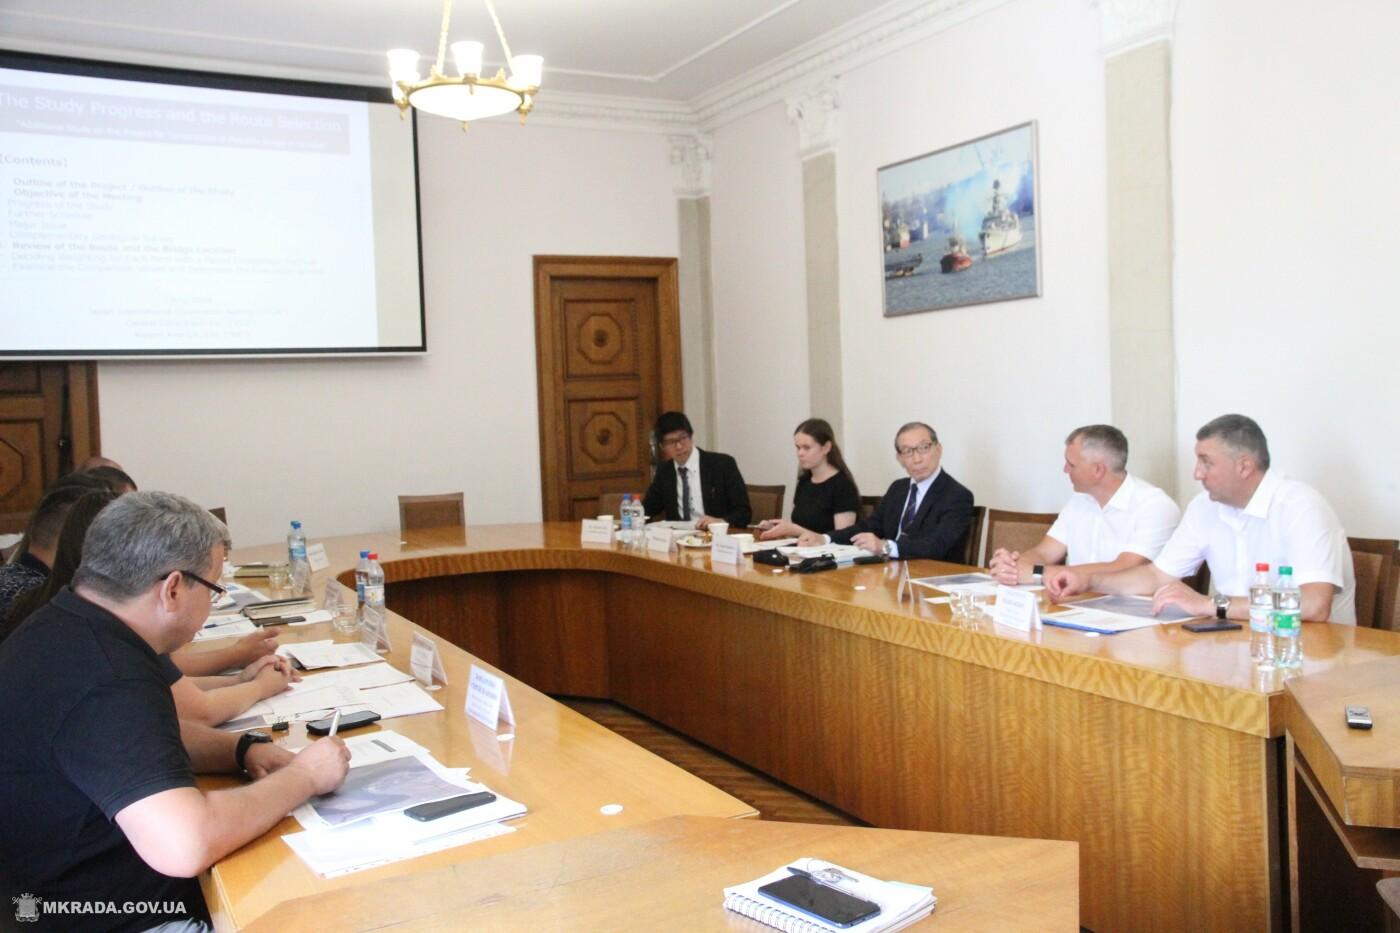 В Николаеве презентовали проект строительства моста через Южный Буг, - ФОТО, фото-6